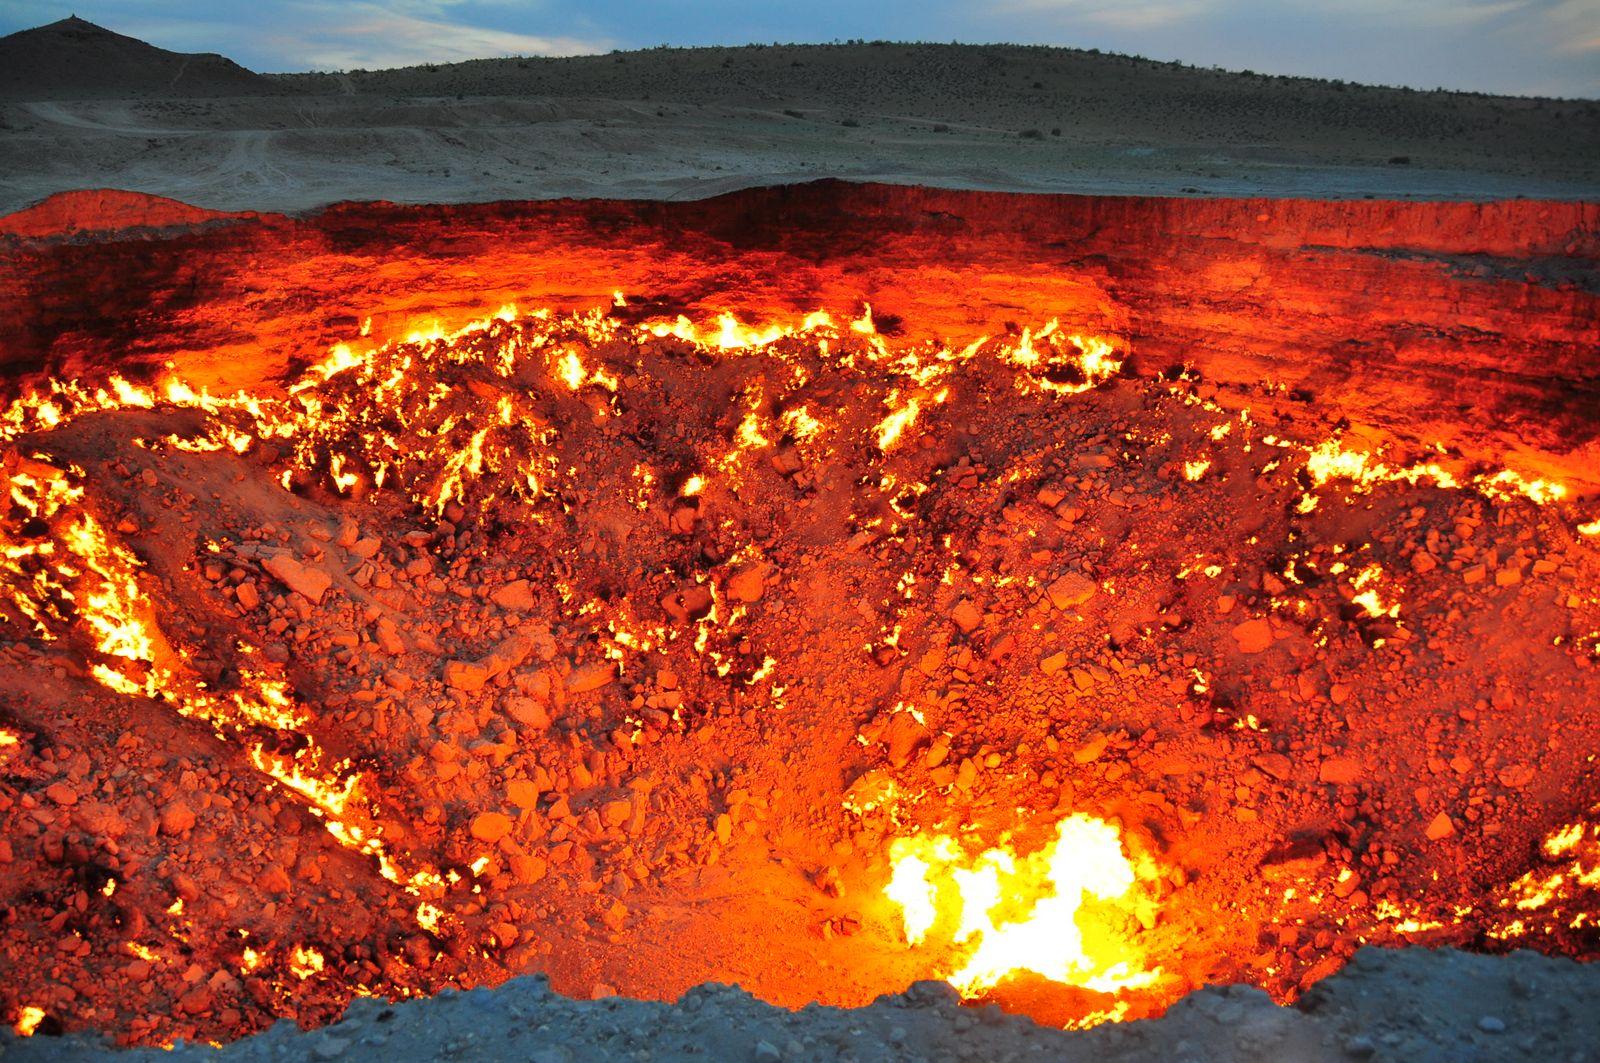 16. Врата ада в Туркменистане. Пожар на газовой шахте, который возник в 1971 году и продолжается до сих пор.